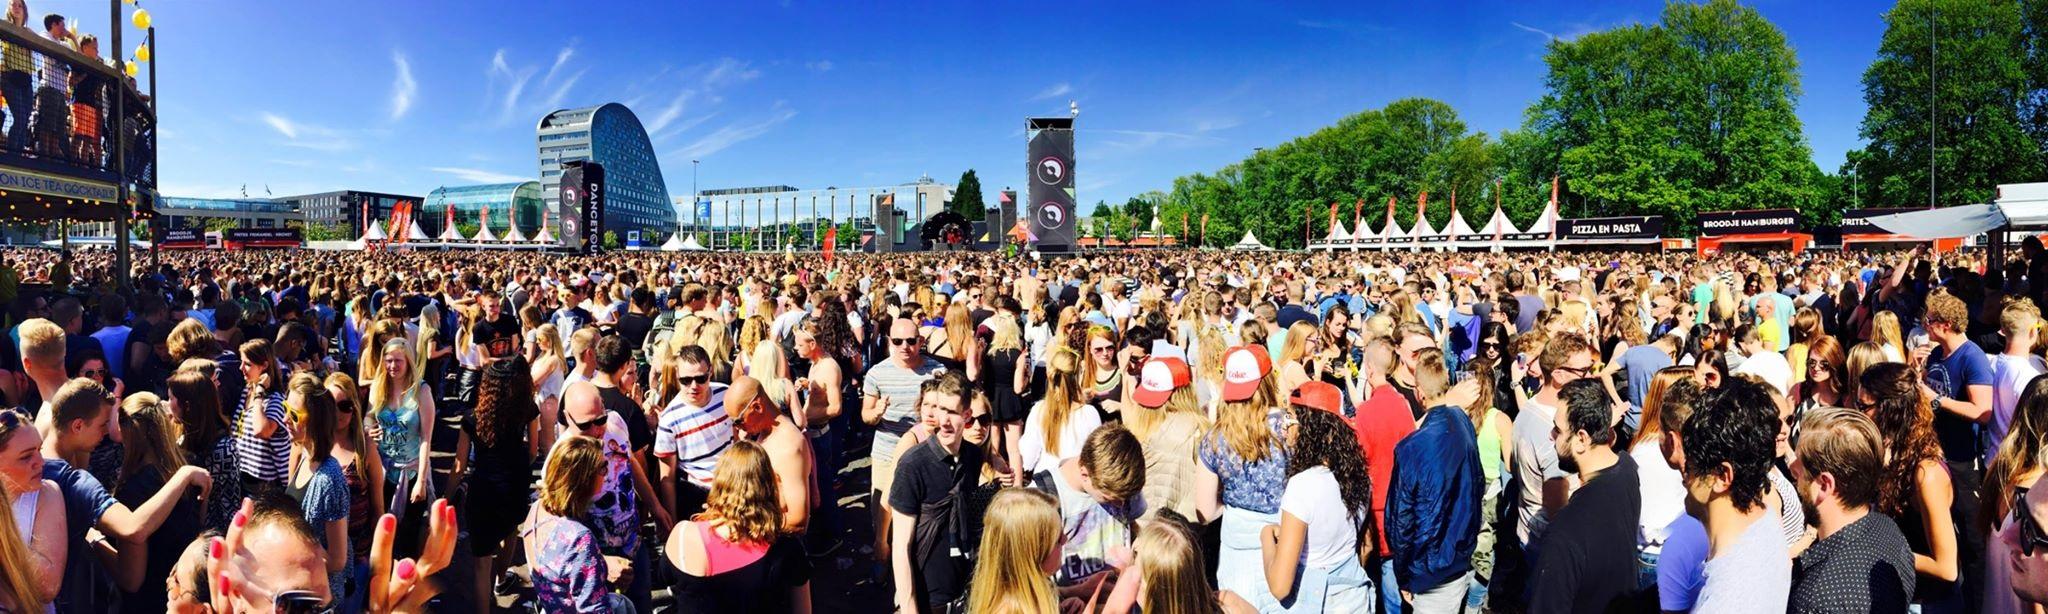 investicon festival security